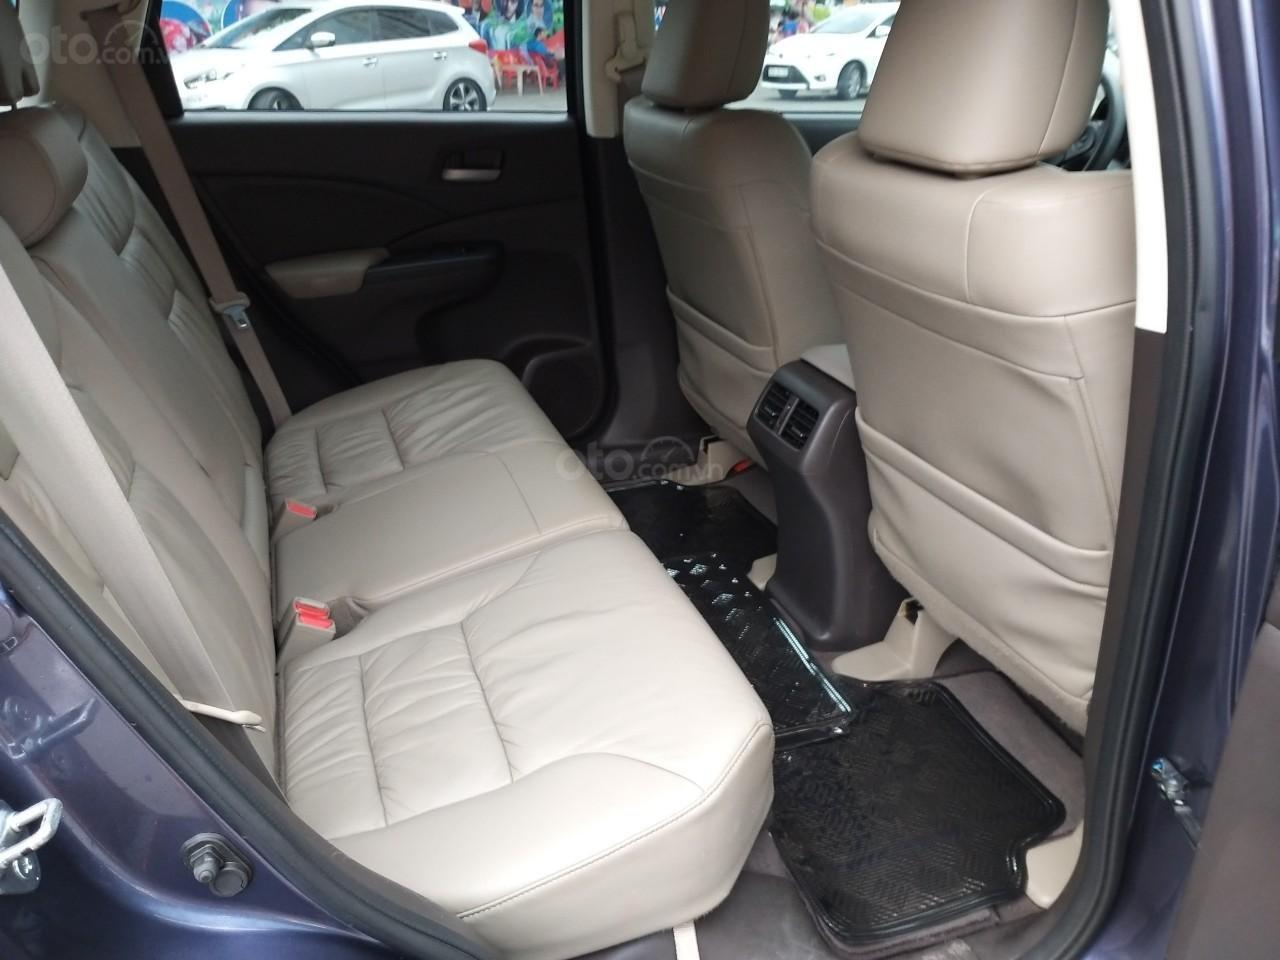 Honda CR V 2.0 AT model 2014, màu xanh, xe nhập cực mới, 700 triệu đồng-9